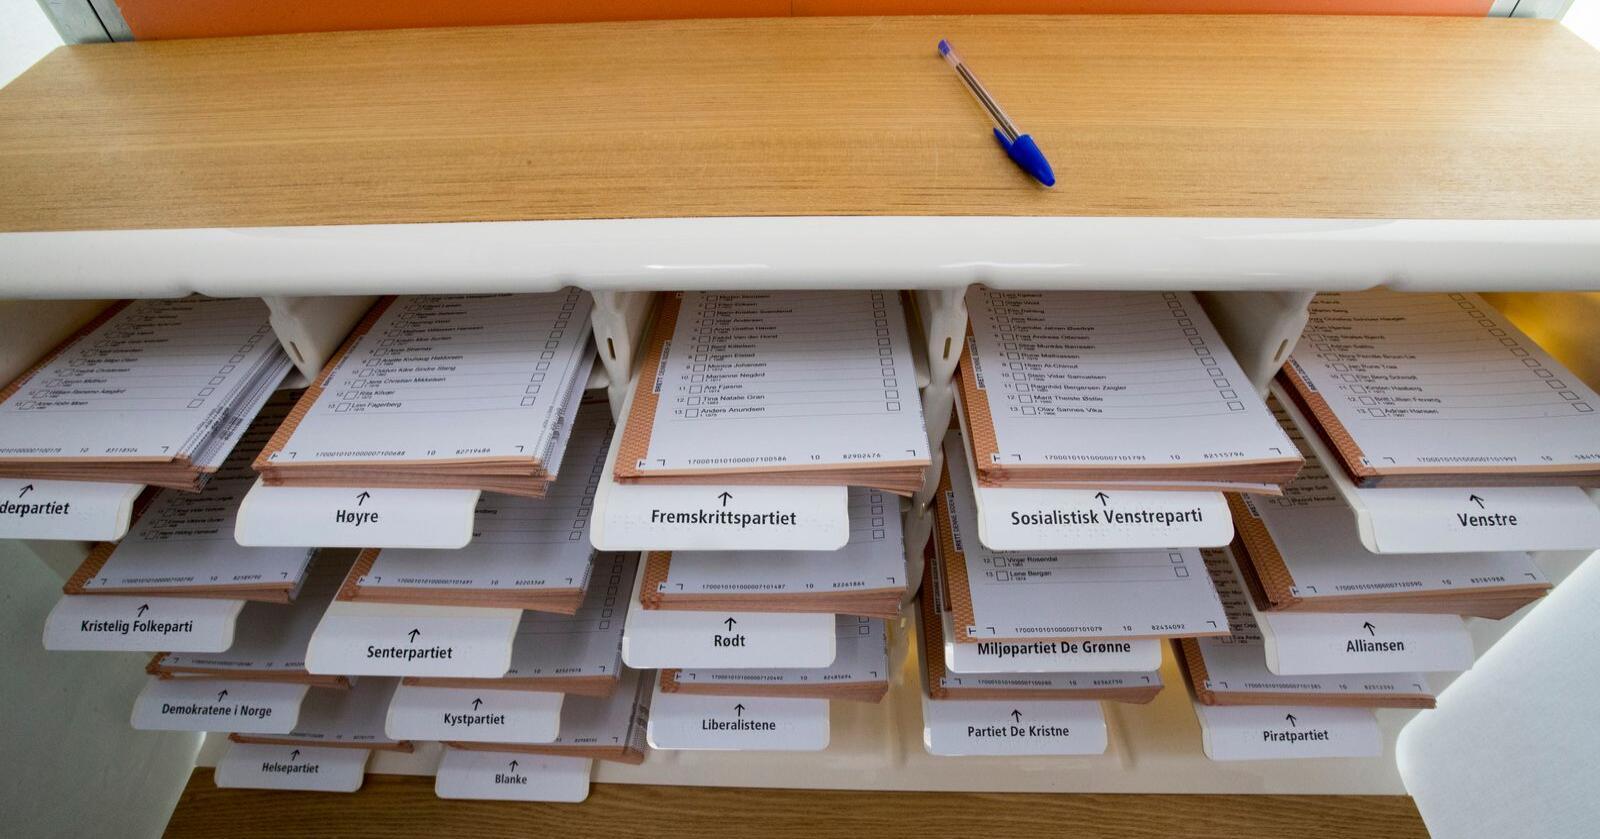 Valdagen er 13. september, men du kan førehandsstemme frå 10. august. Arkivfoto: Terje Pedersen / NTB / NPK